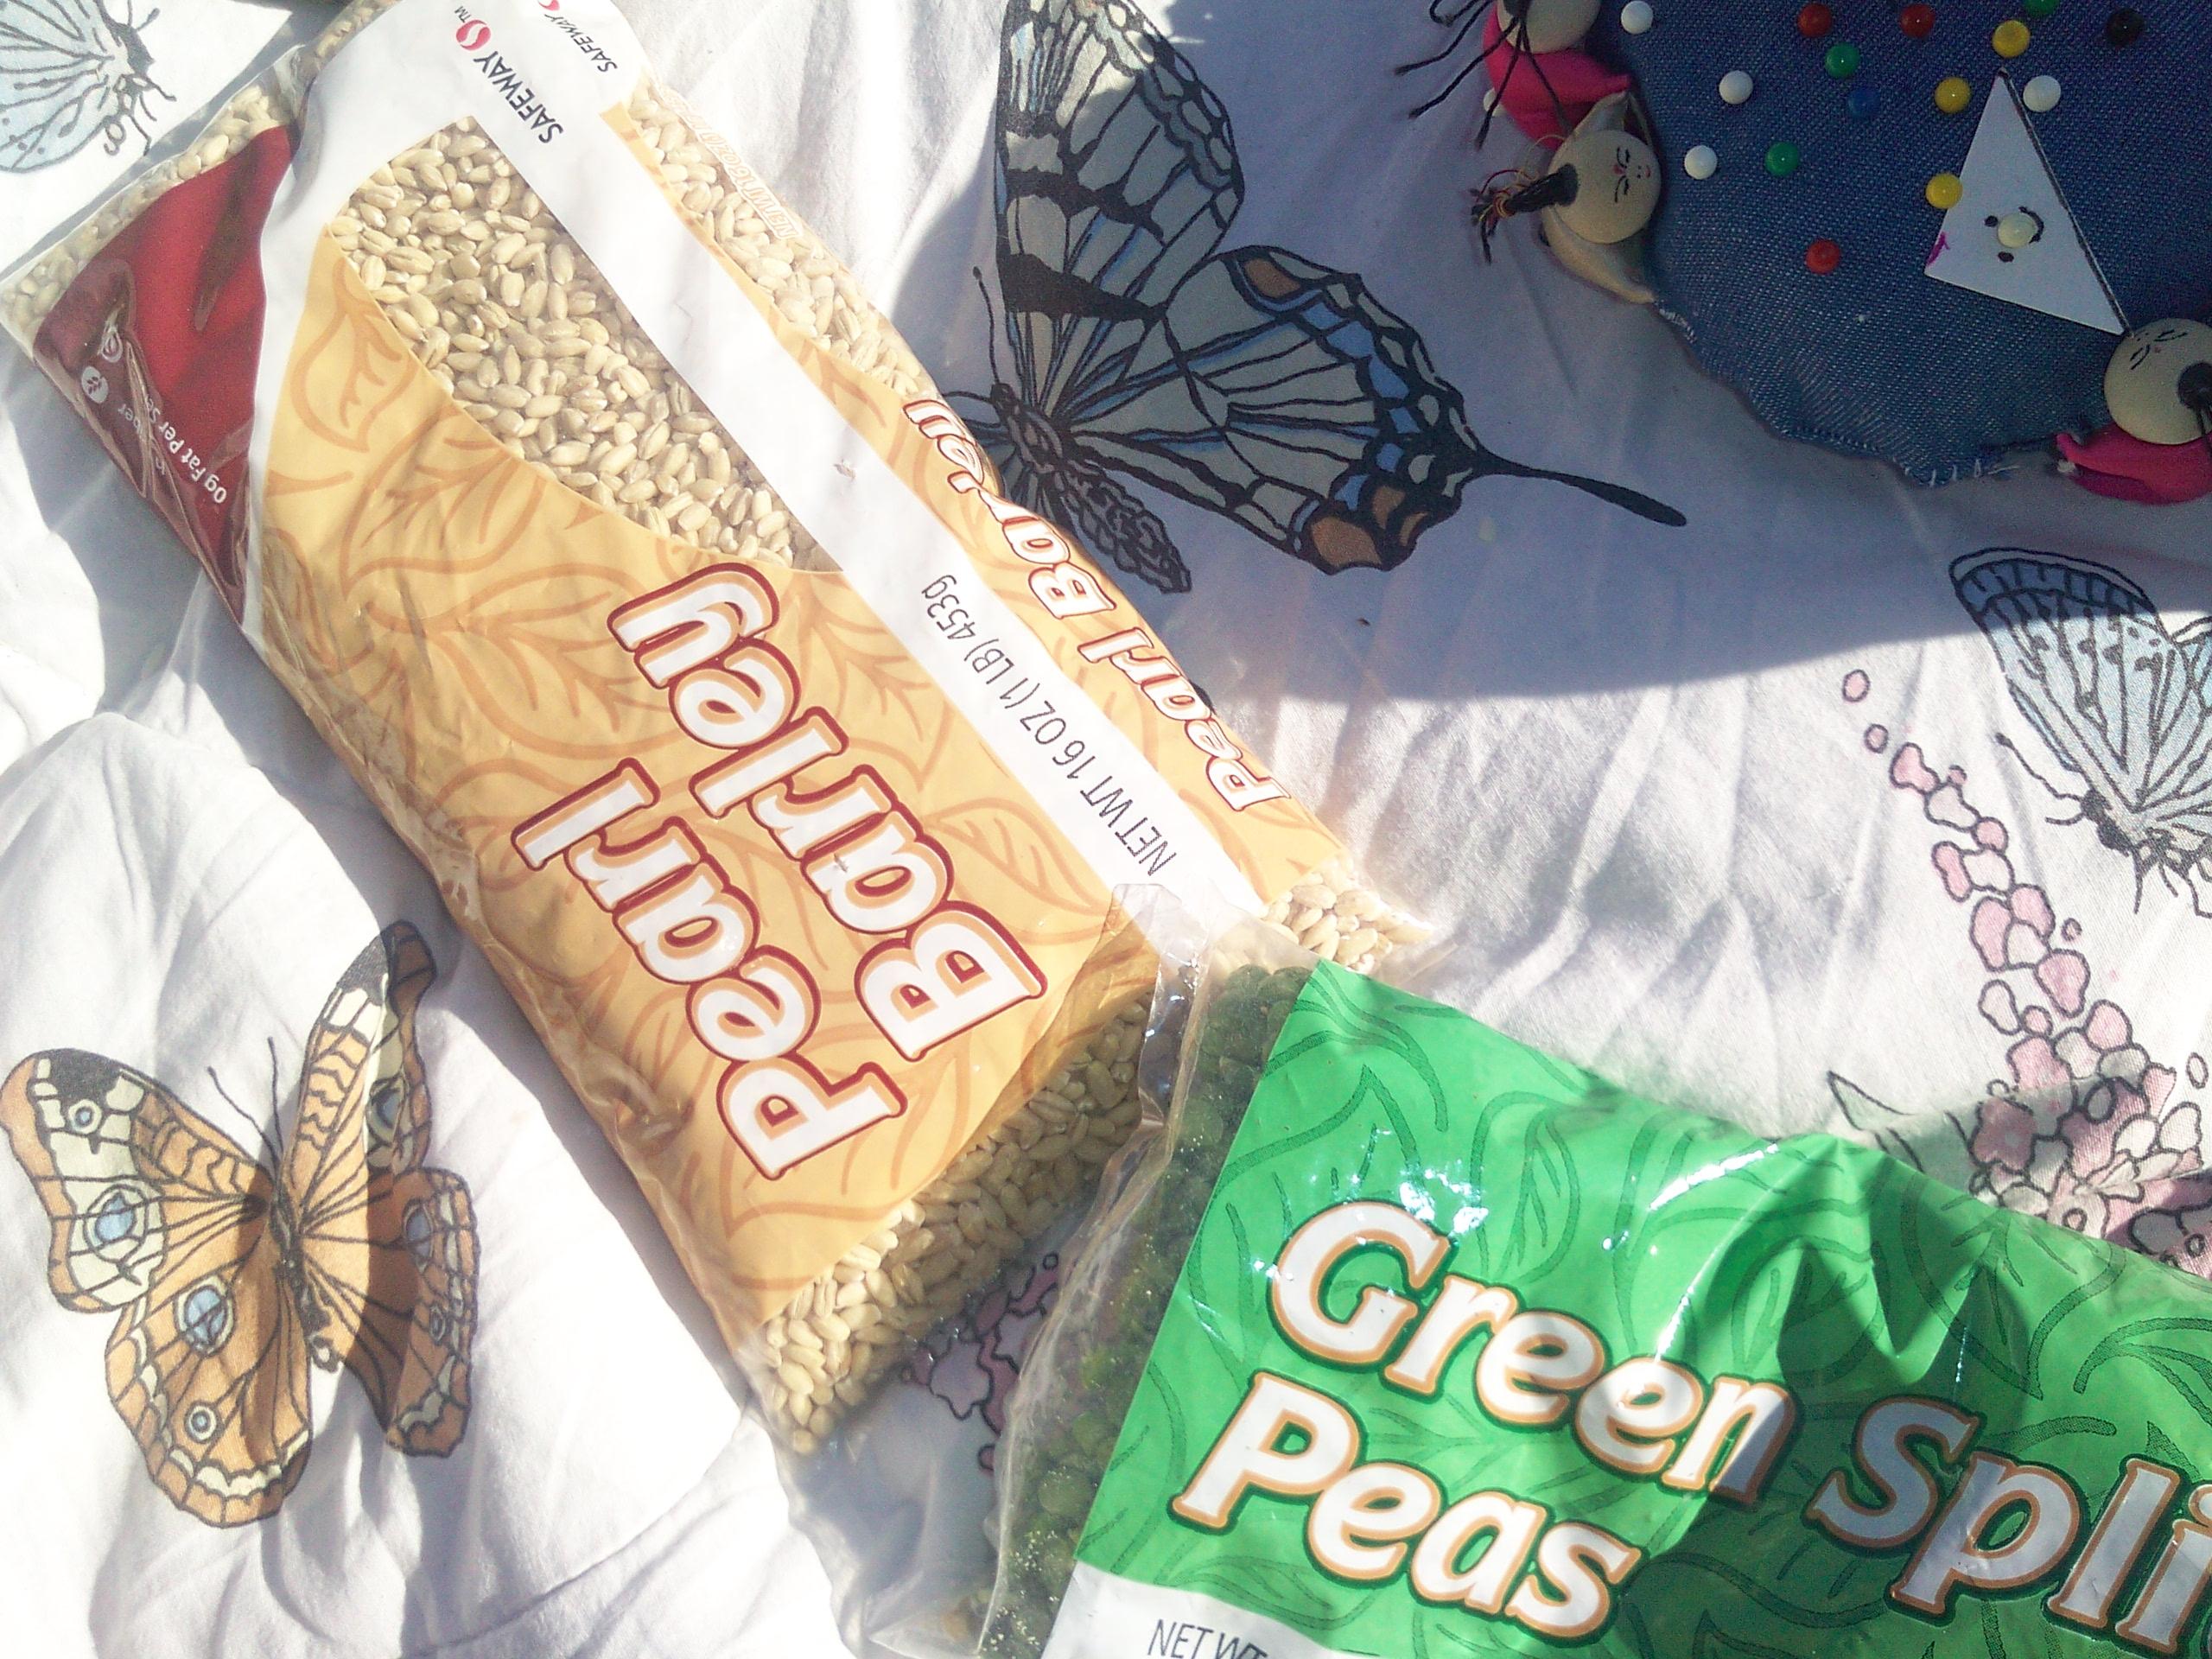 green-split-peas-pearl-barley-bags